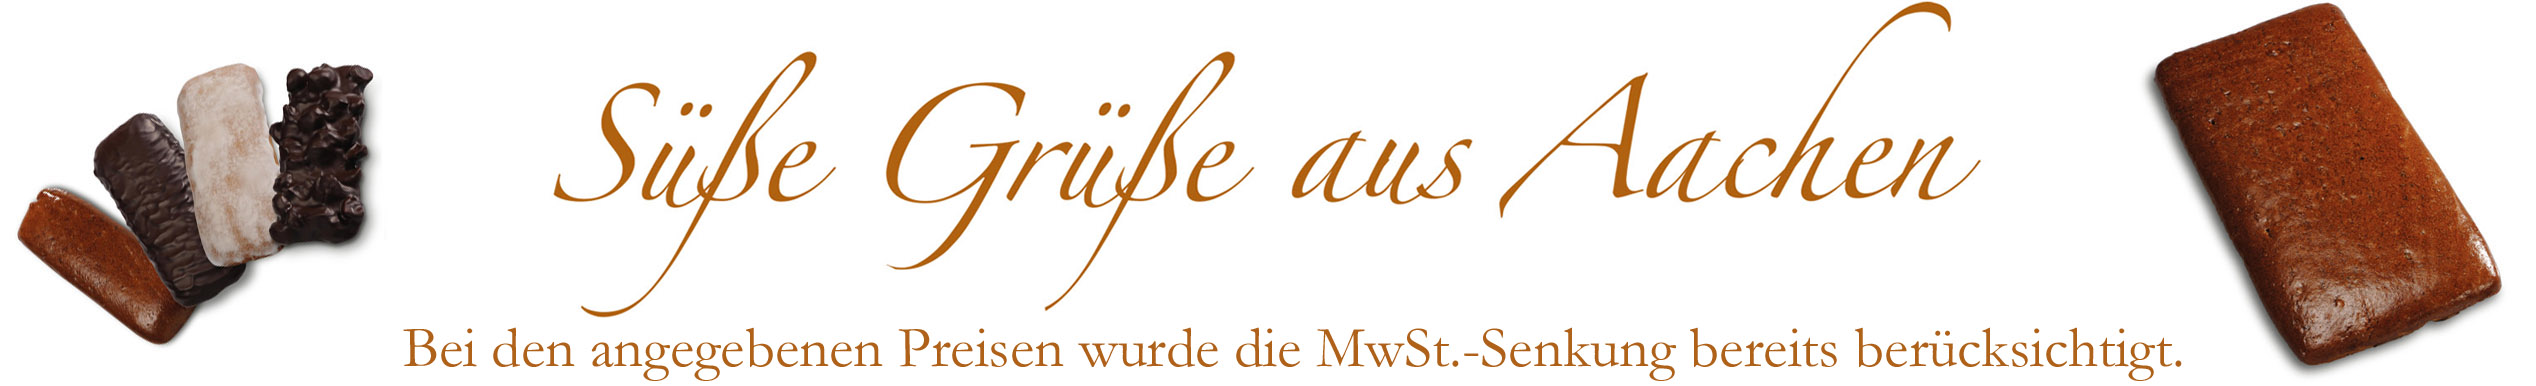 Süße Grüße aus Aachen - Banner